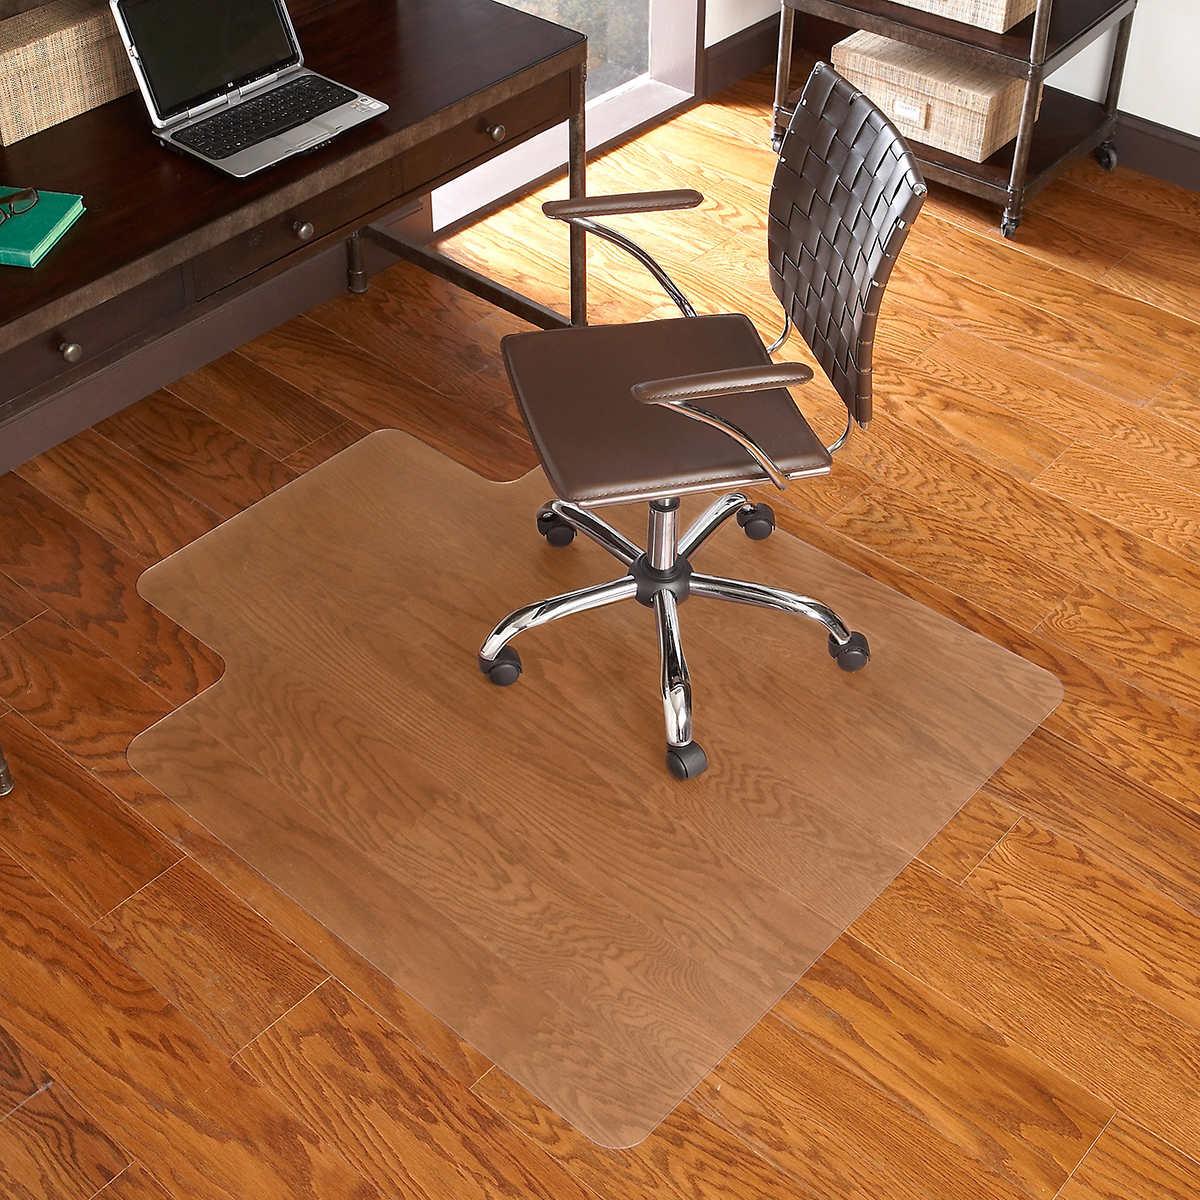 ES Robbins Chair Mat for Hard Floors 45 x 53 wLip Clear – 45 X 53 Chair Mat